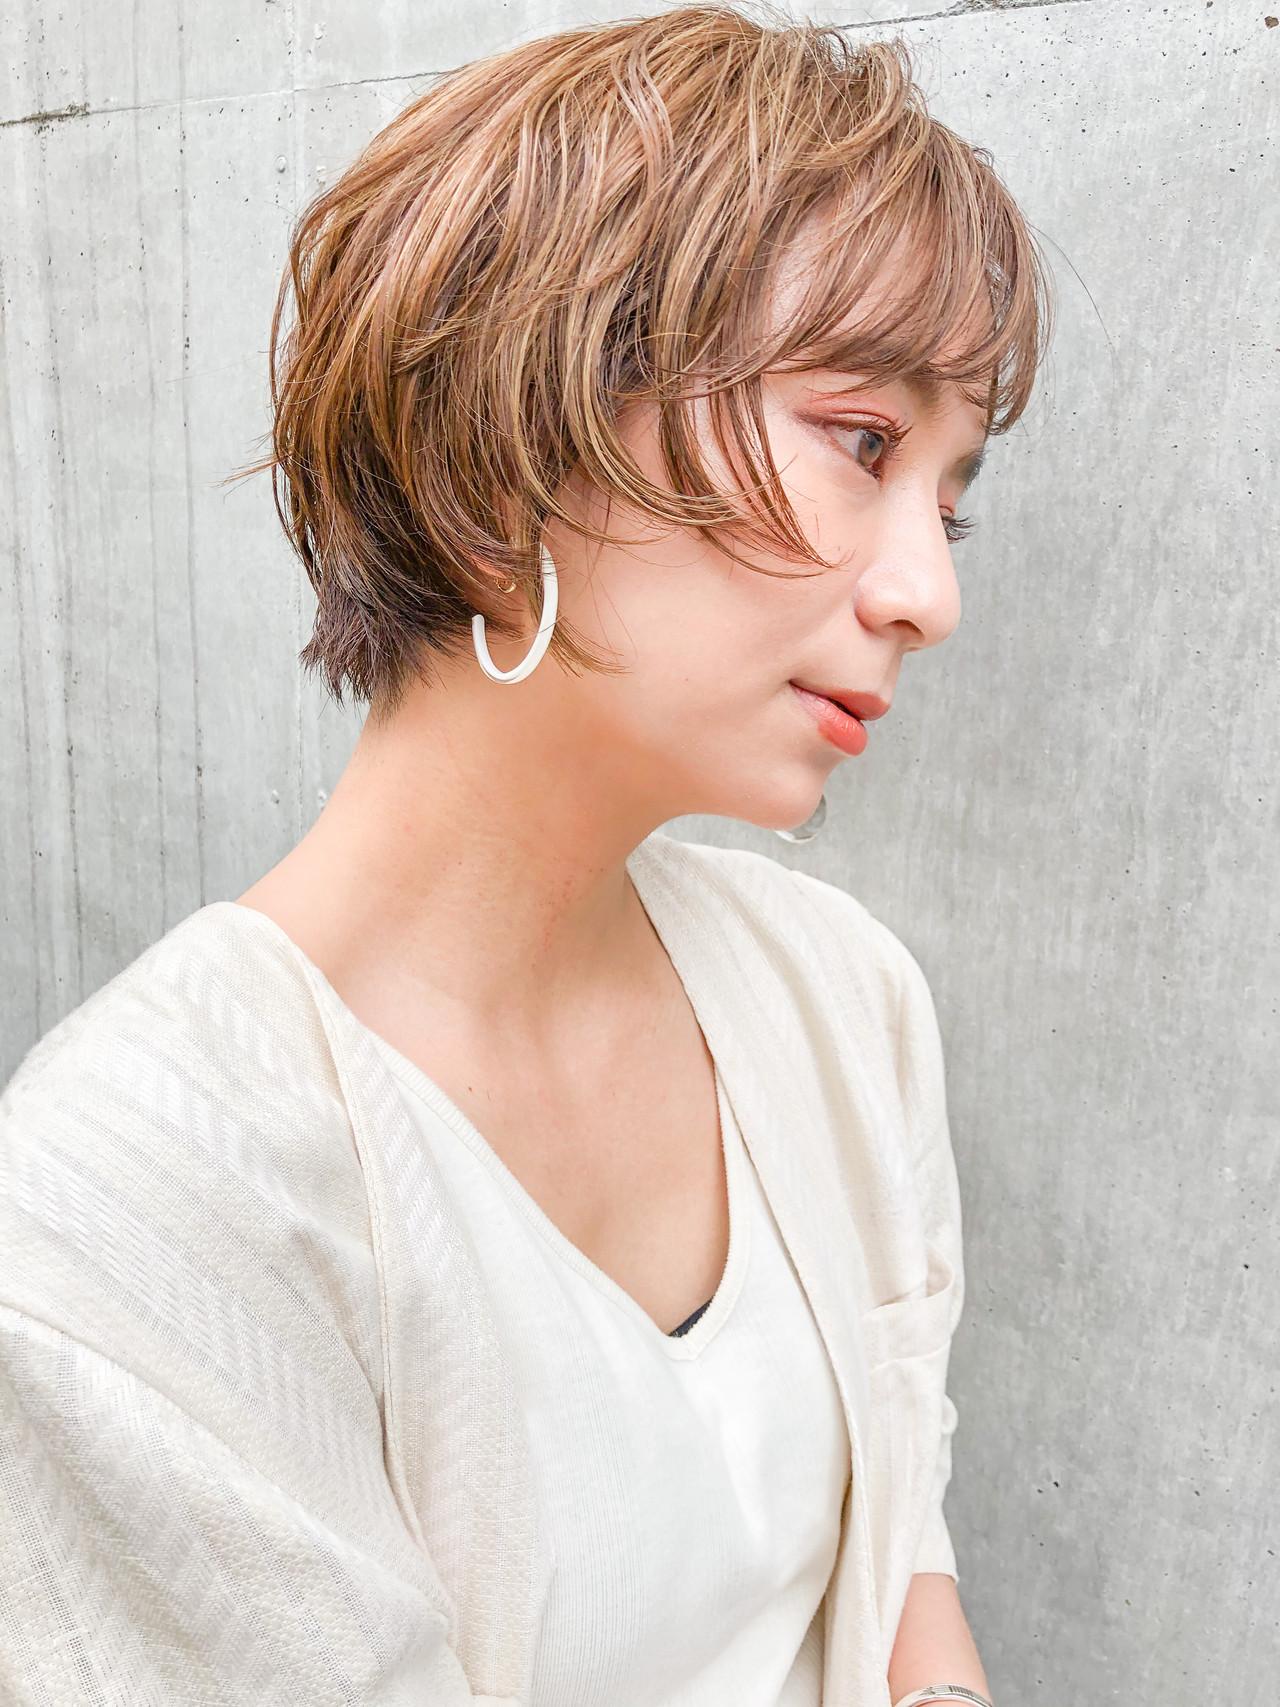 デジタルパーマ ナチュラル ショートカット ショート ヘアスタイルや髪型の写真・画像